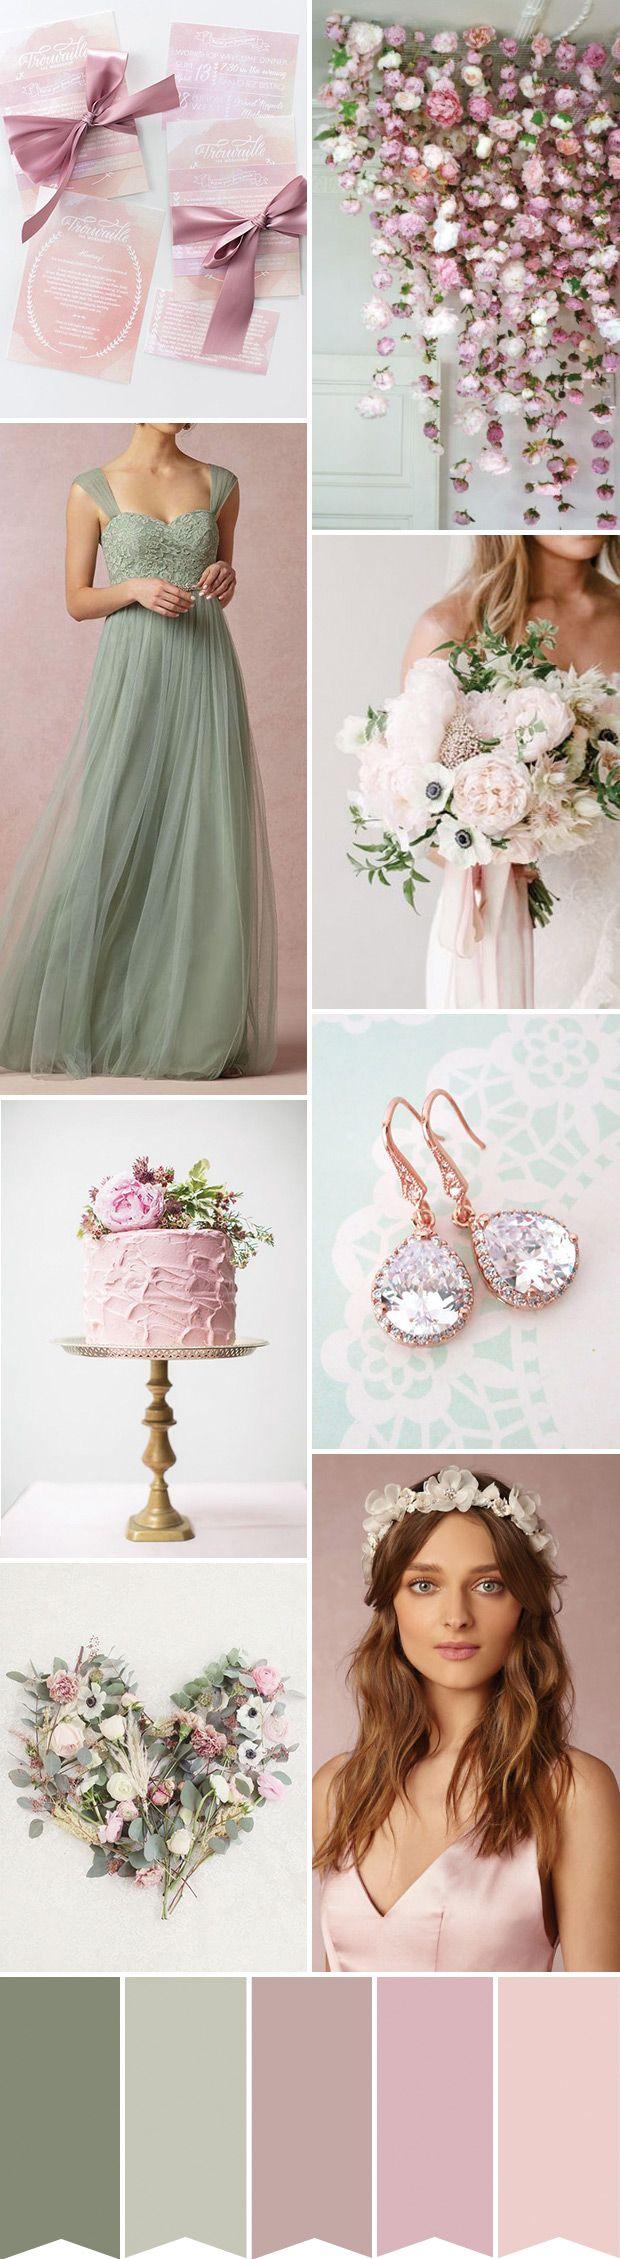 Spring Awakening - Pretty Pink, Sage and White Wedding Inspiration ...